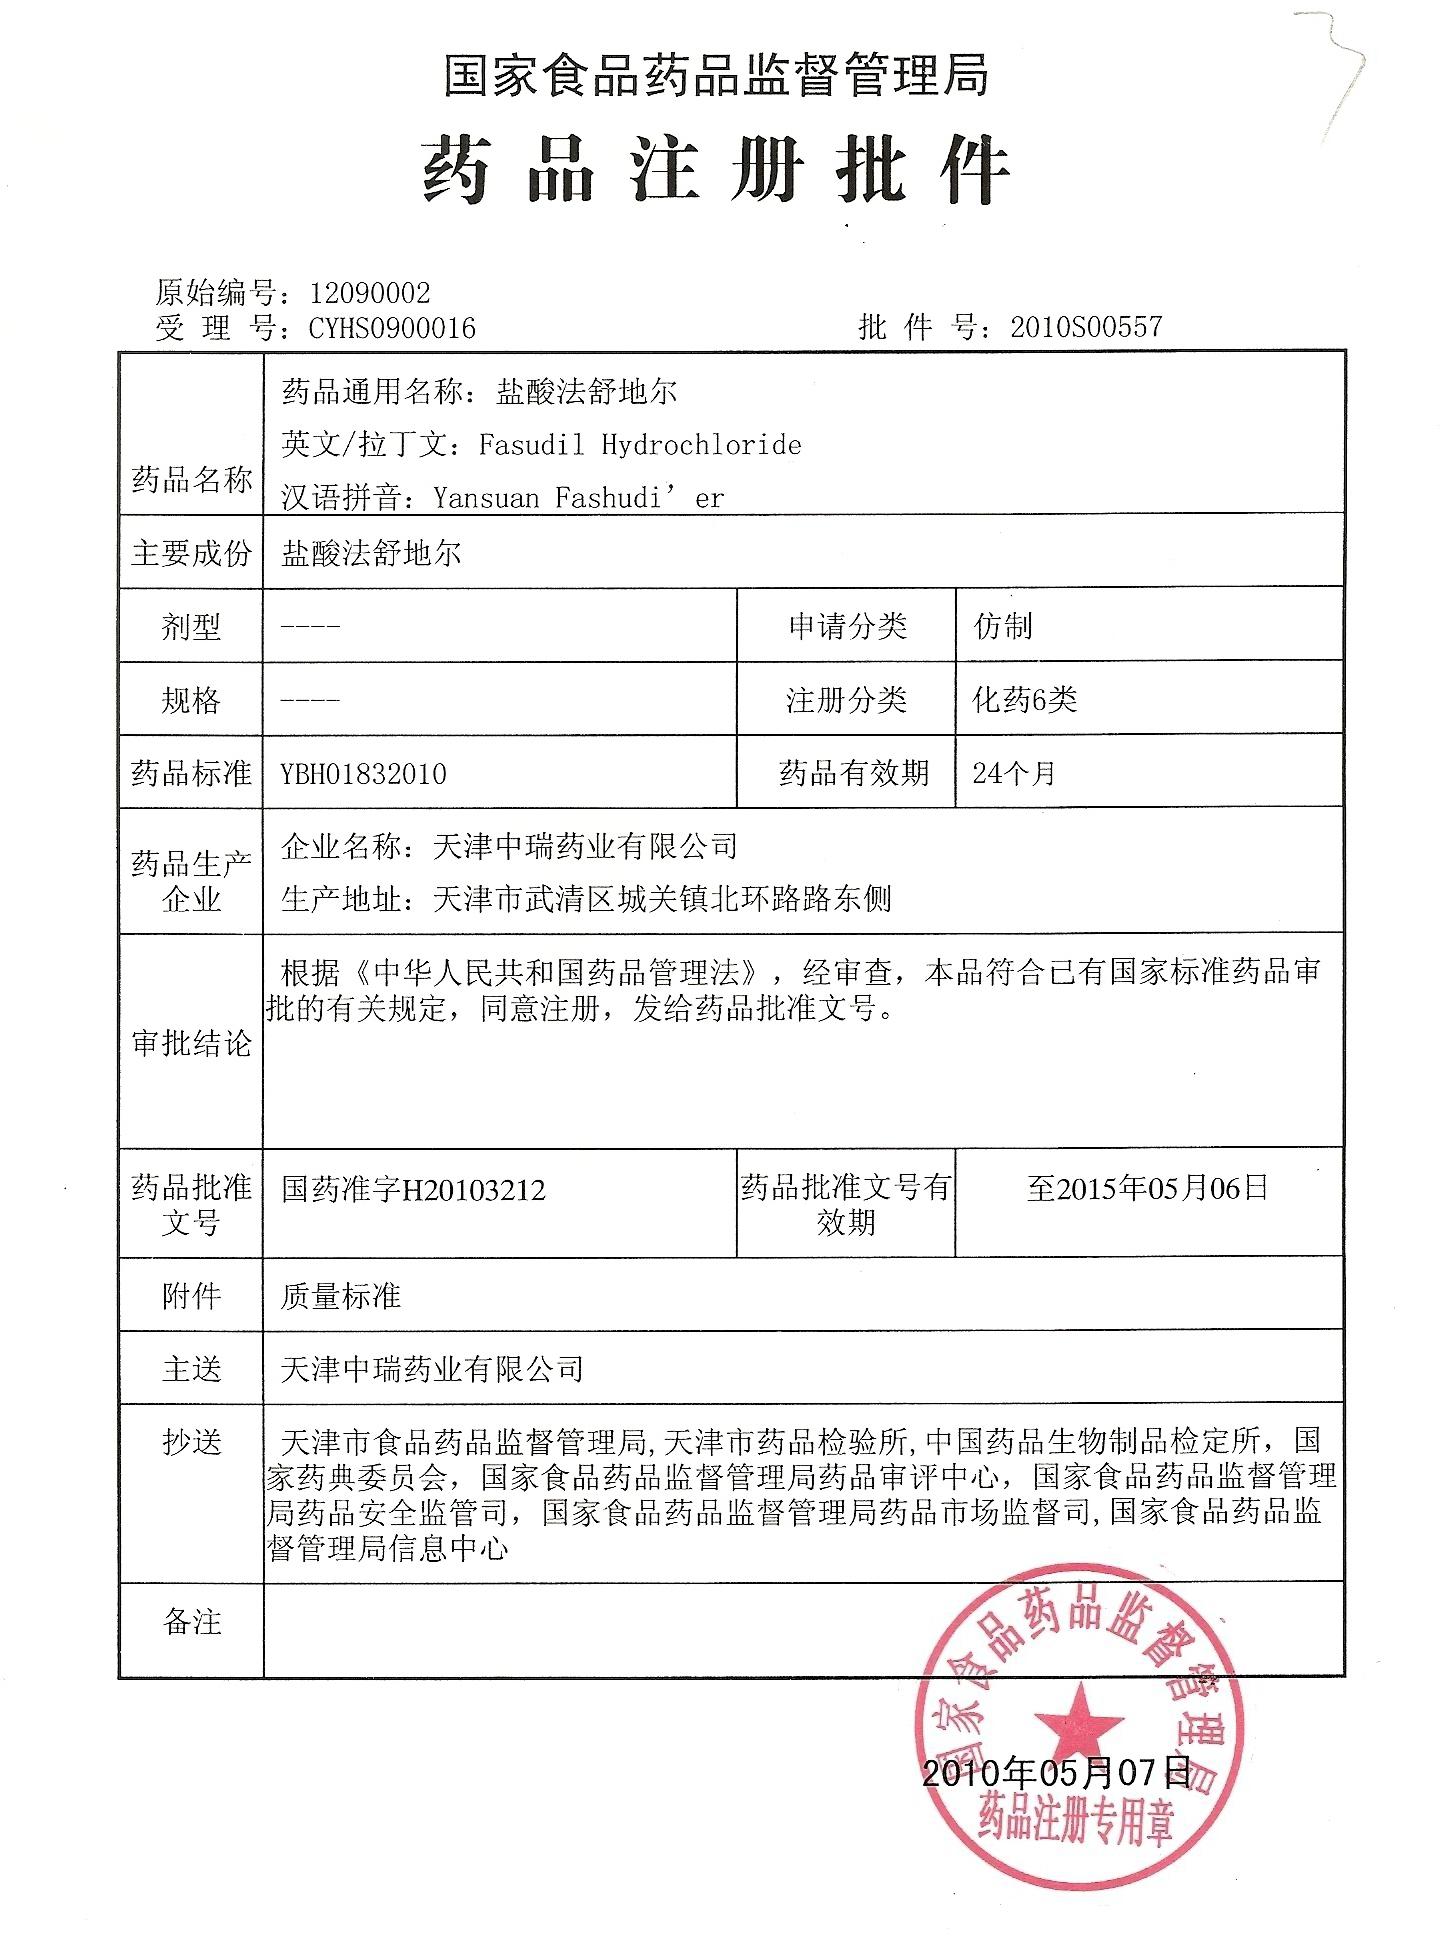 Certificatesstandards Tianjin Zhongrui Pharmaceutical Co Ltd